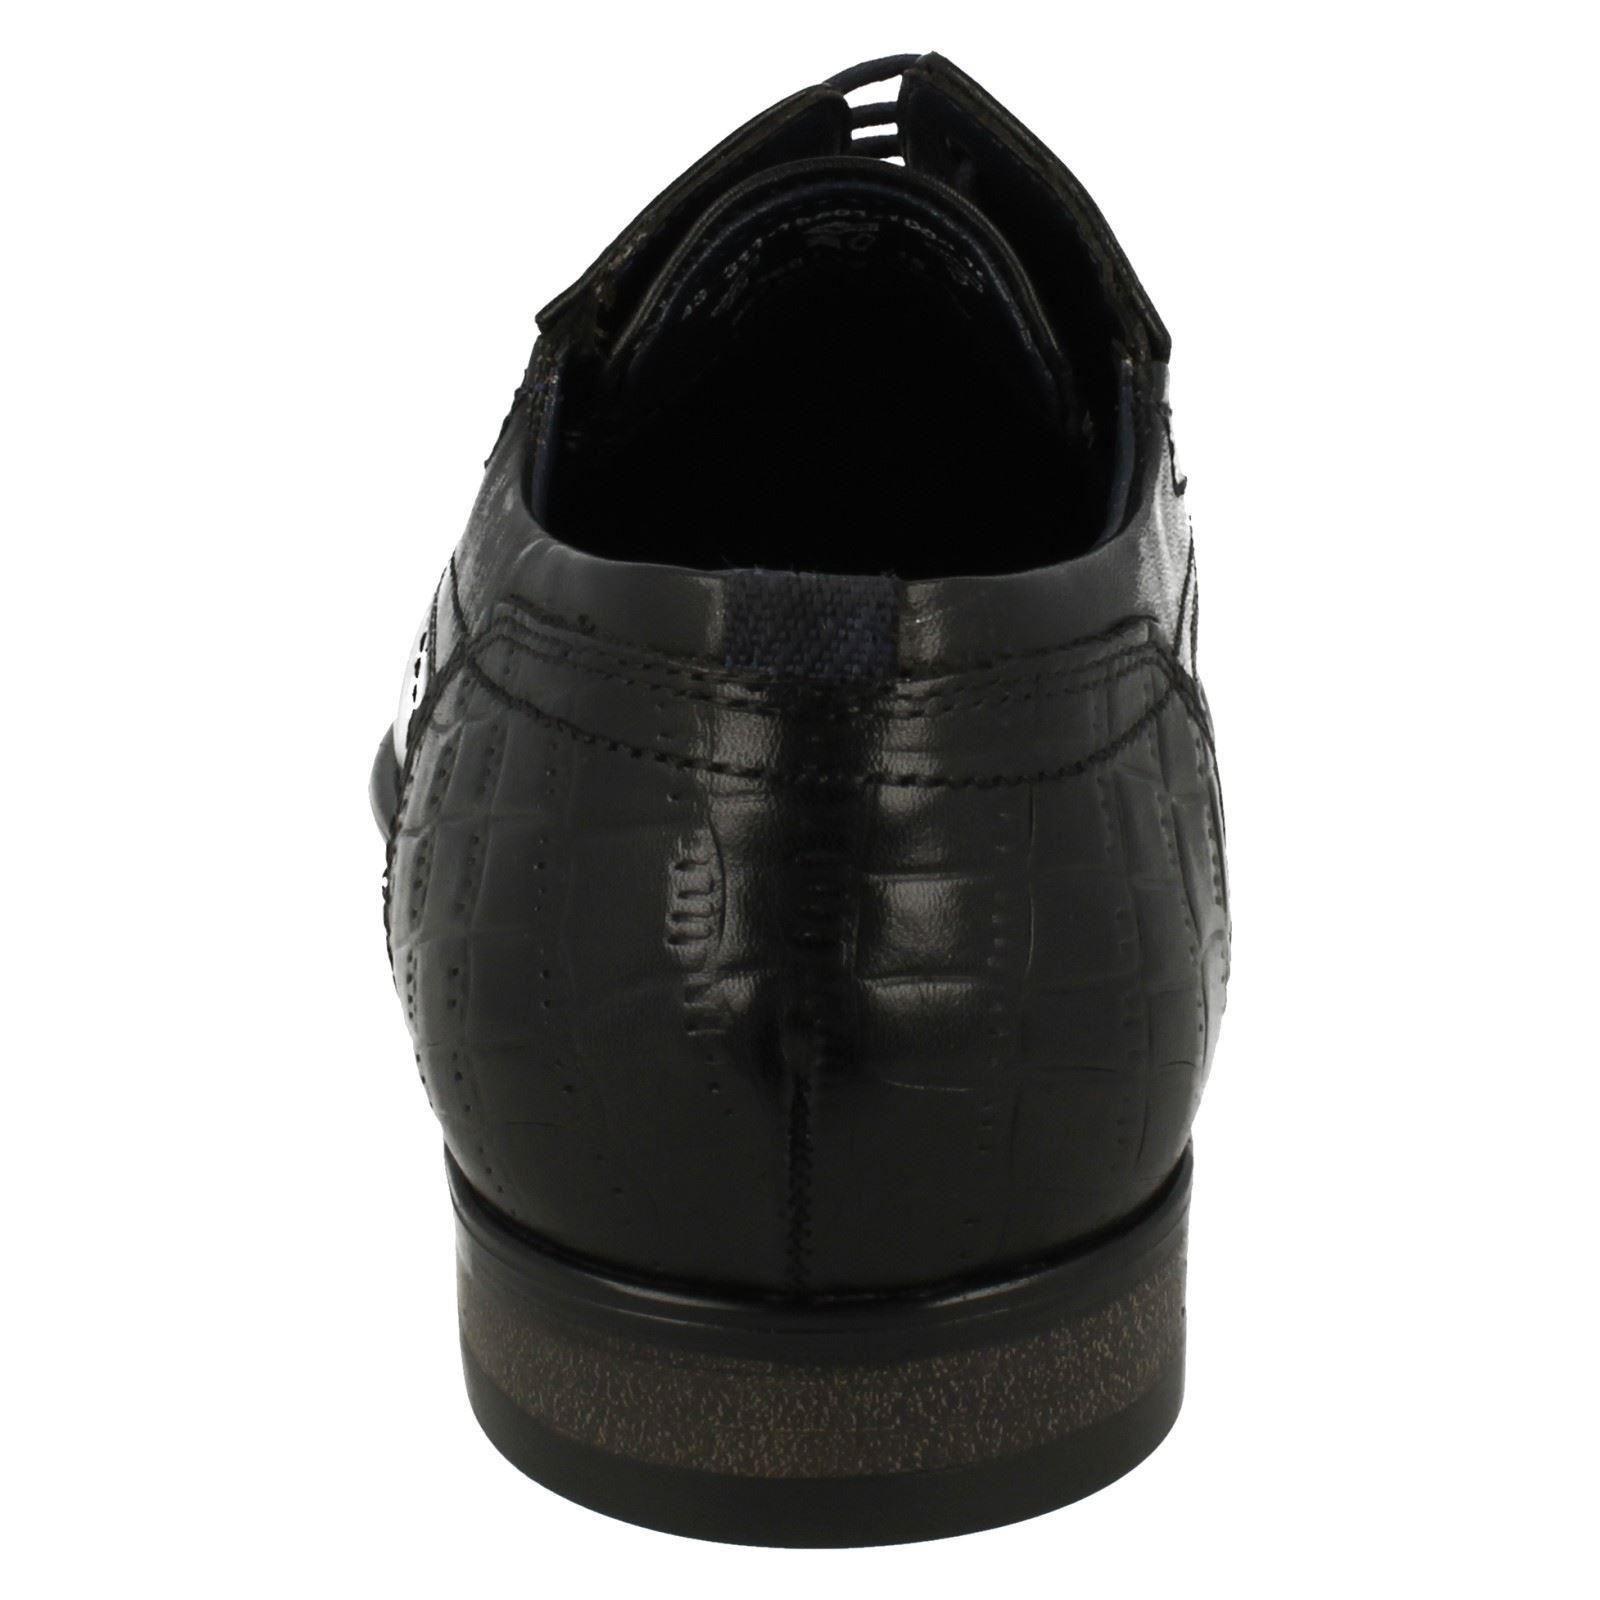 Uomo Bugatti Lace - Up Formal Schuhes - Lace '311-18801' e4a401